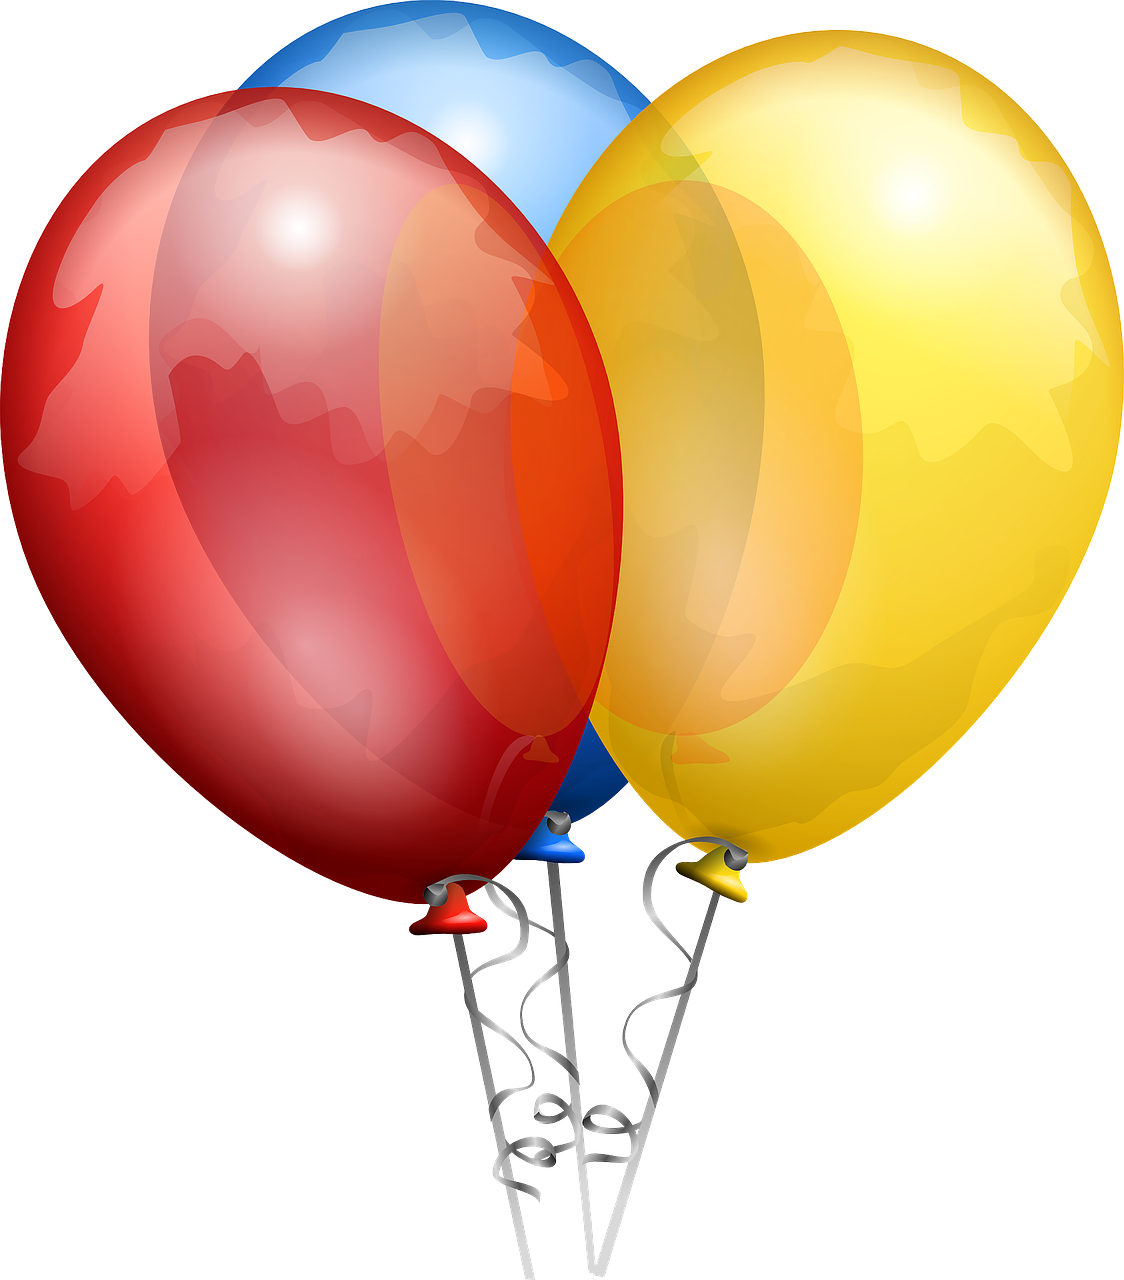 Balloons 25737 1280